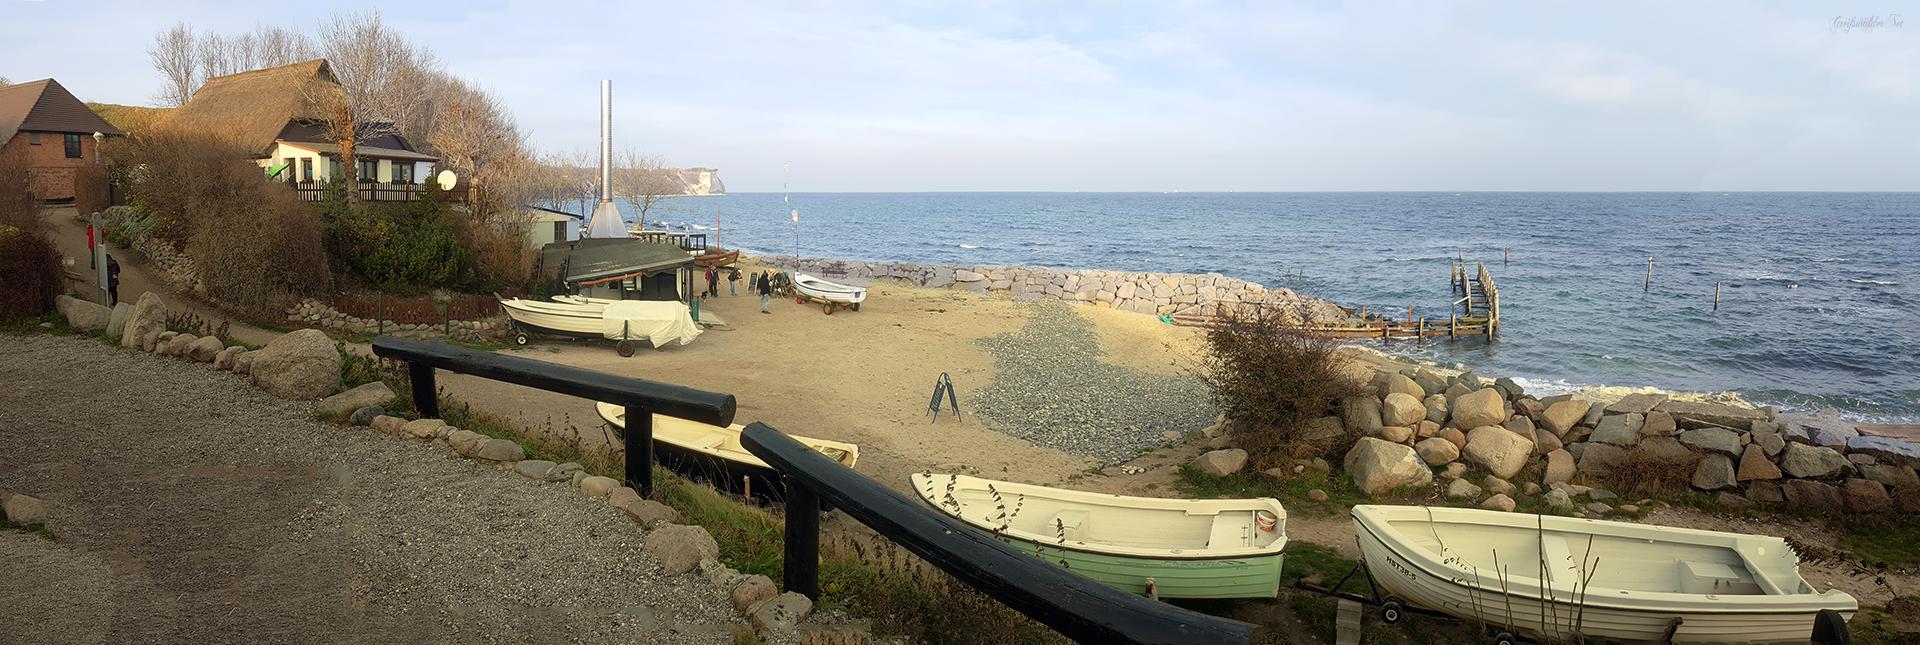 Strand im Fischerdorf Vitt auf der Insel Rügen